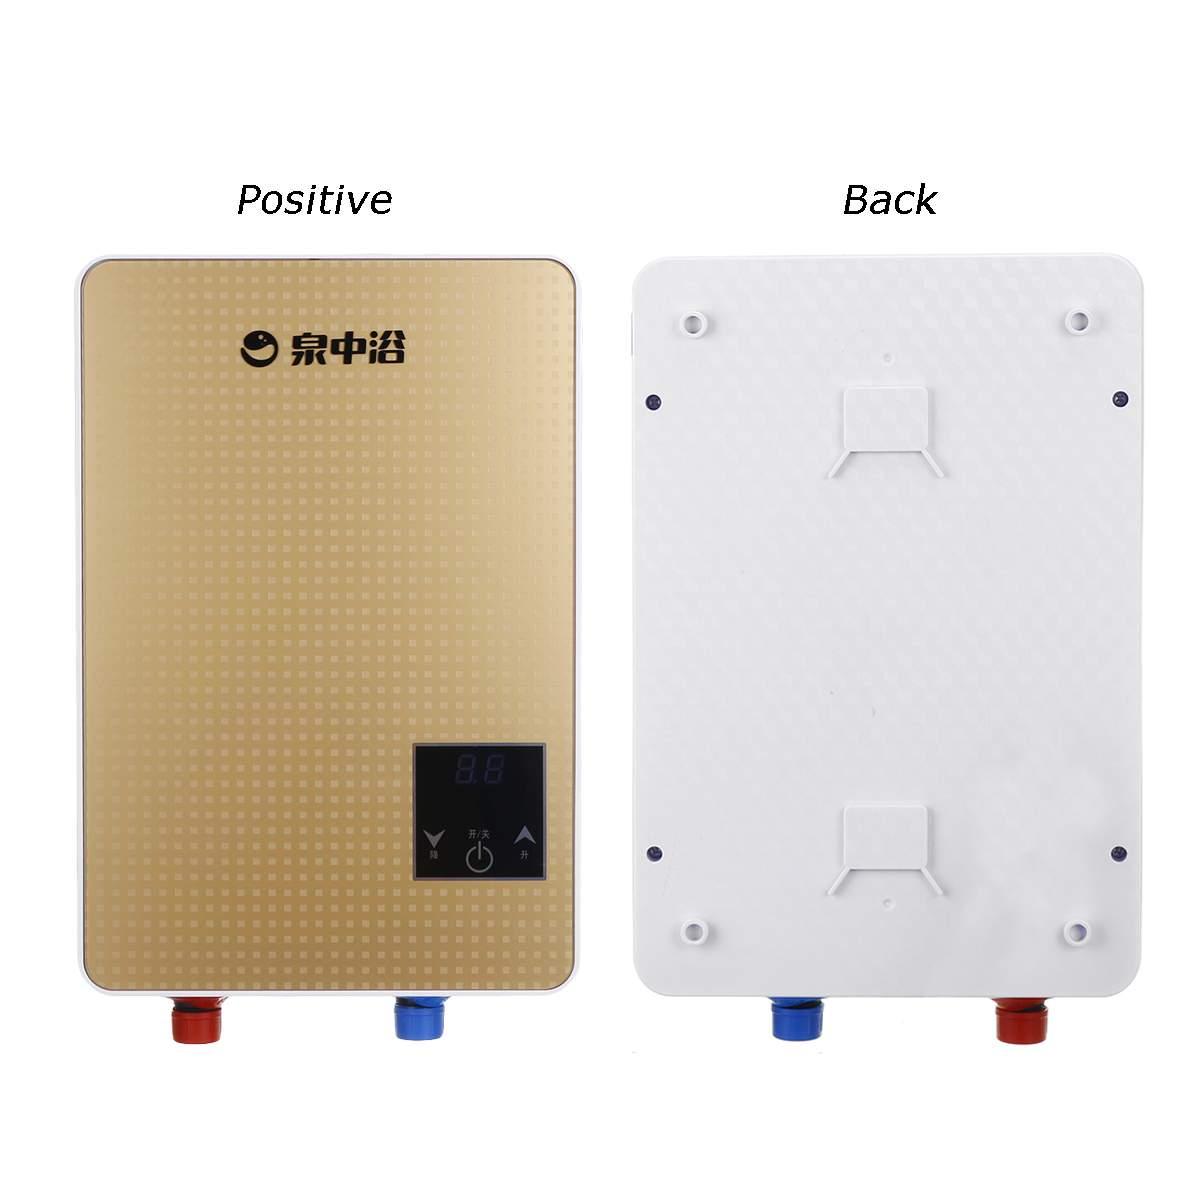 6500W 220V Electric Hot Water Heater Tankless Instant Boiler Bathroom Shower Set Thermostat Safe Intelligent